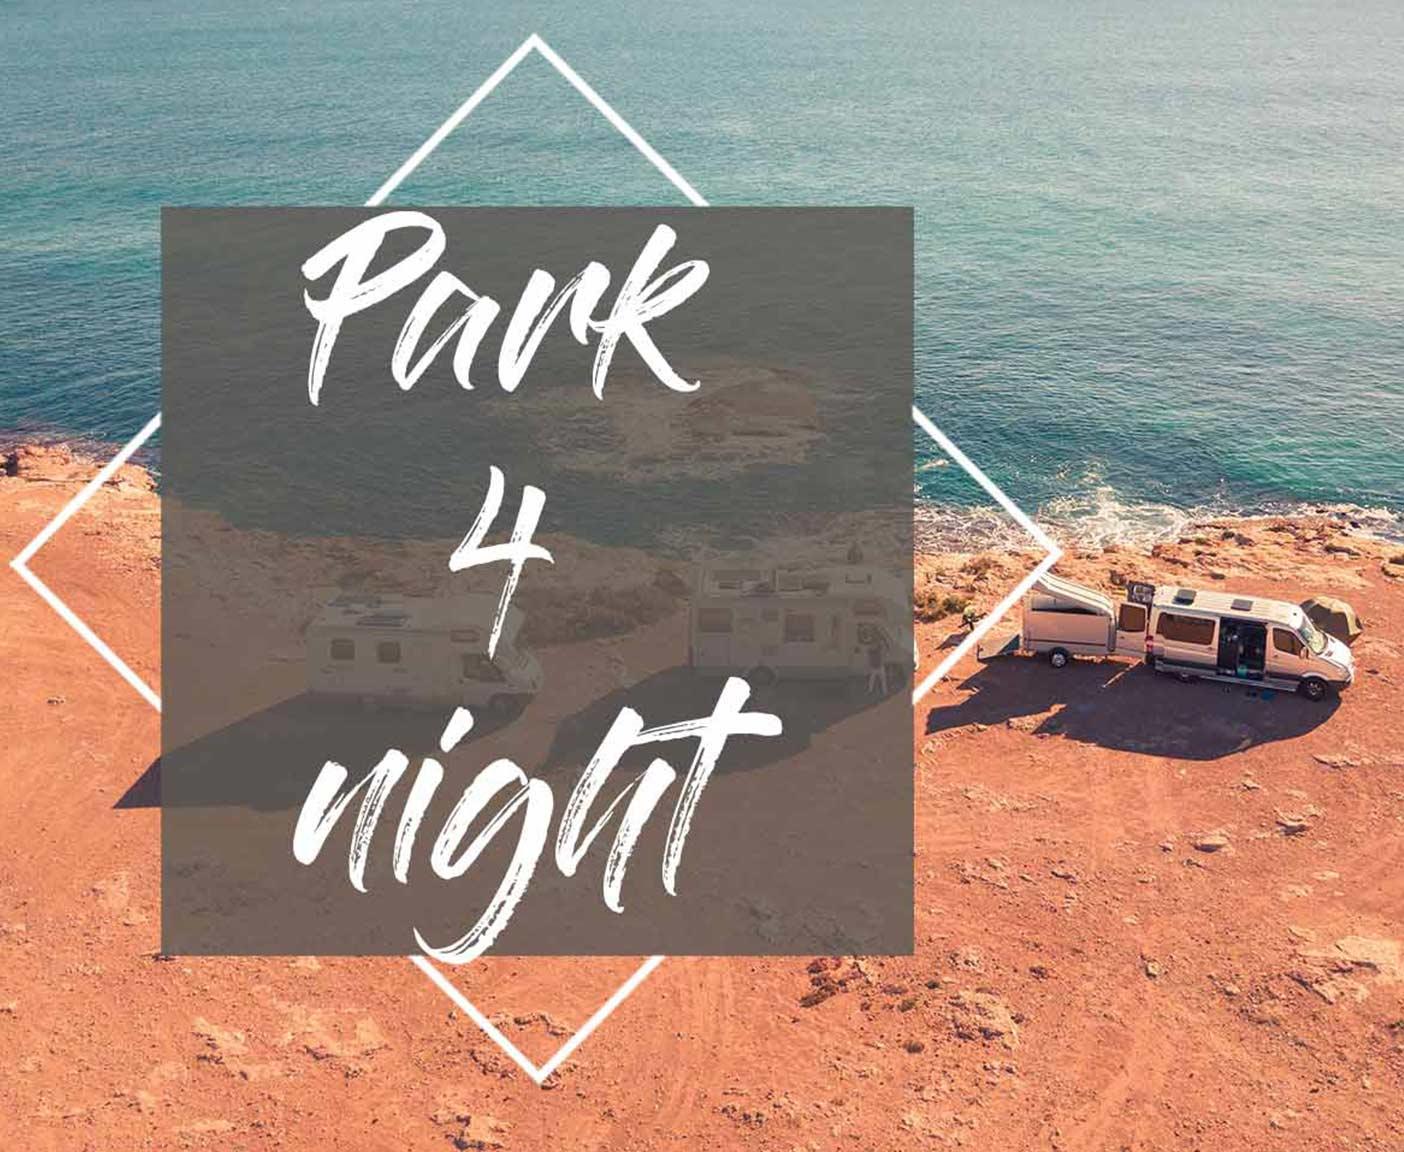 Wohnmobil-stellplatz-kostenlos-app-nordsee-park4night